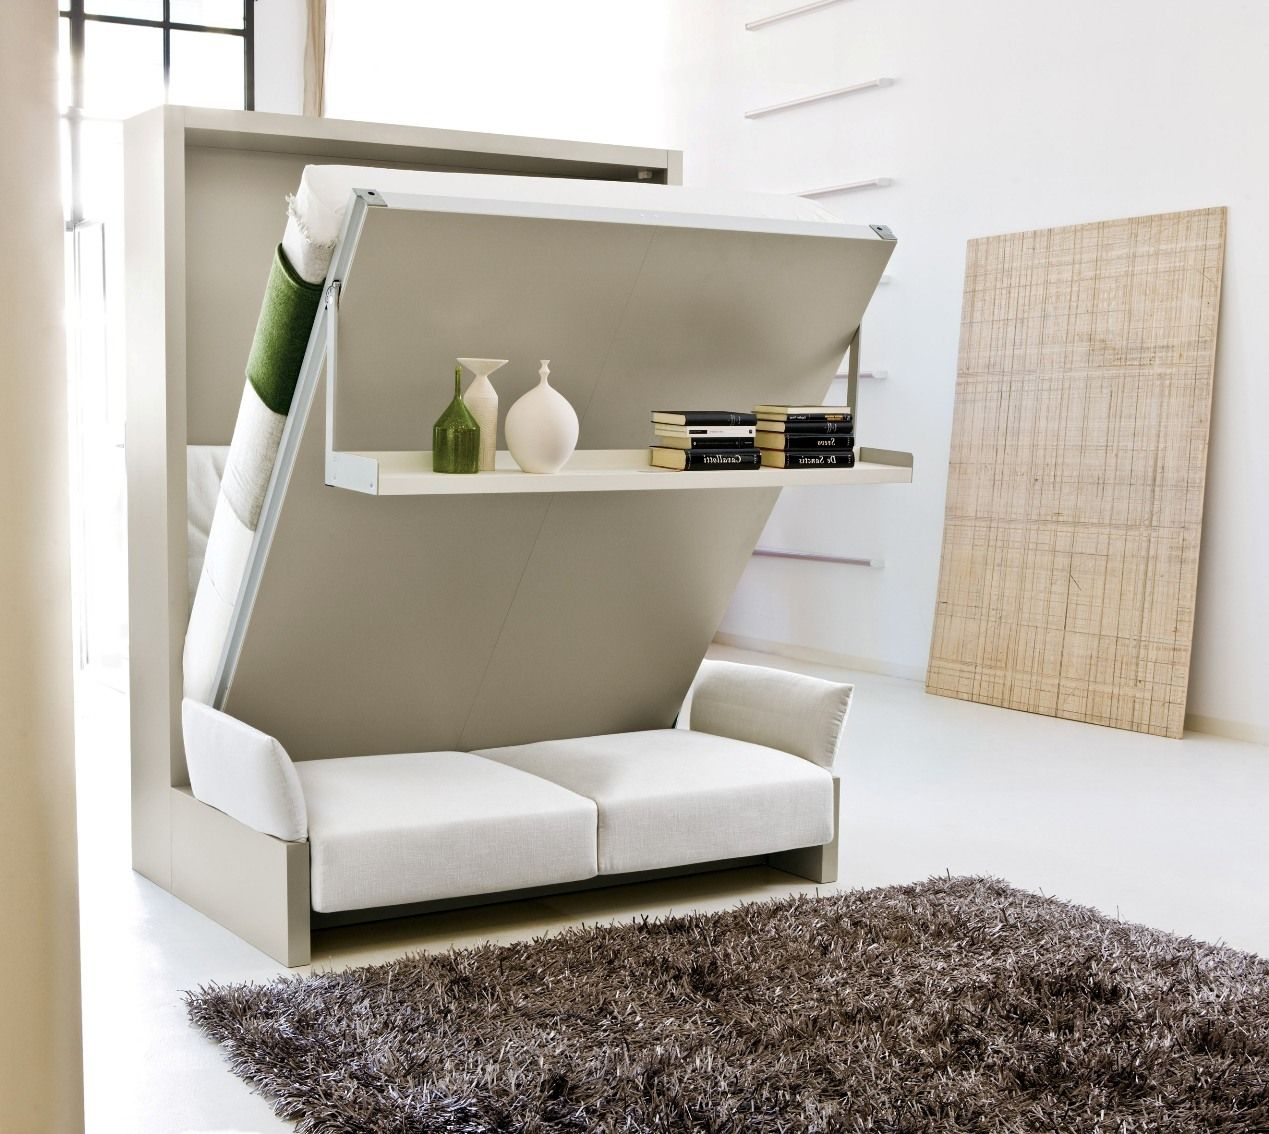 Трансформирующийся диван в стену